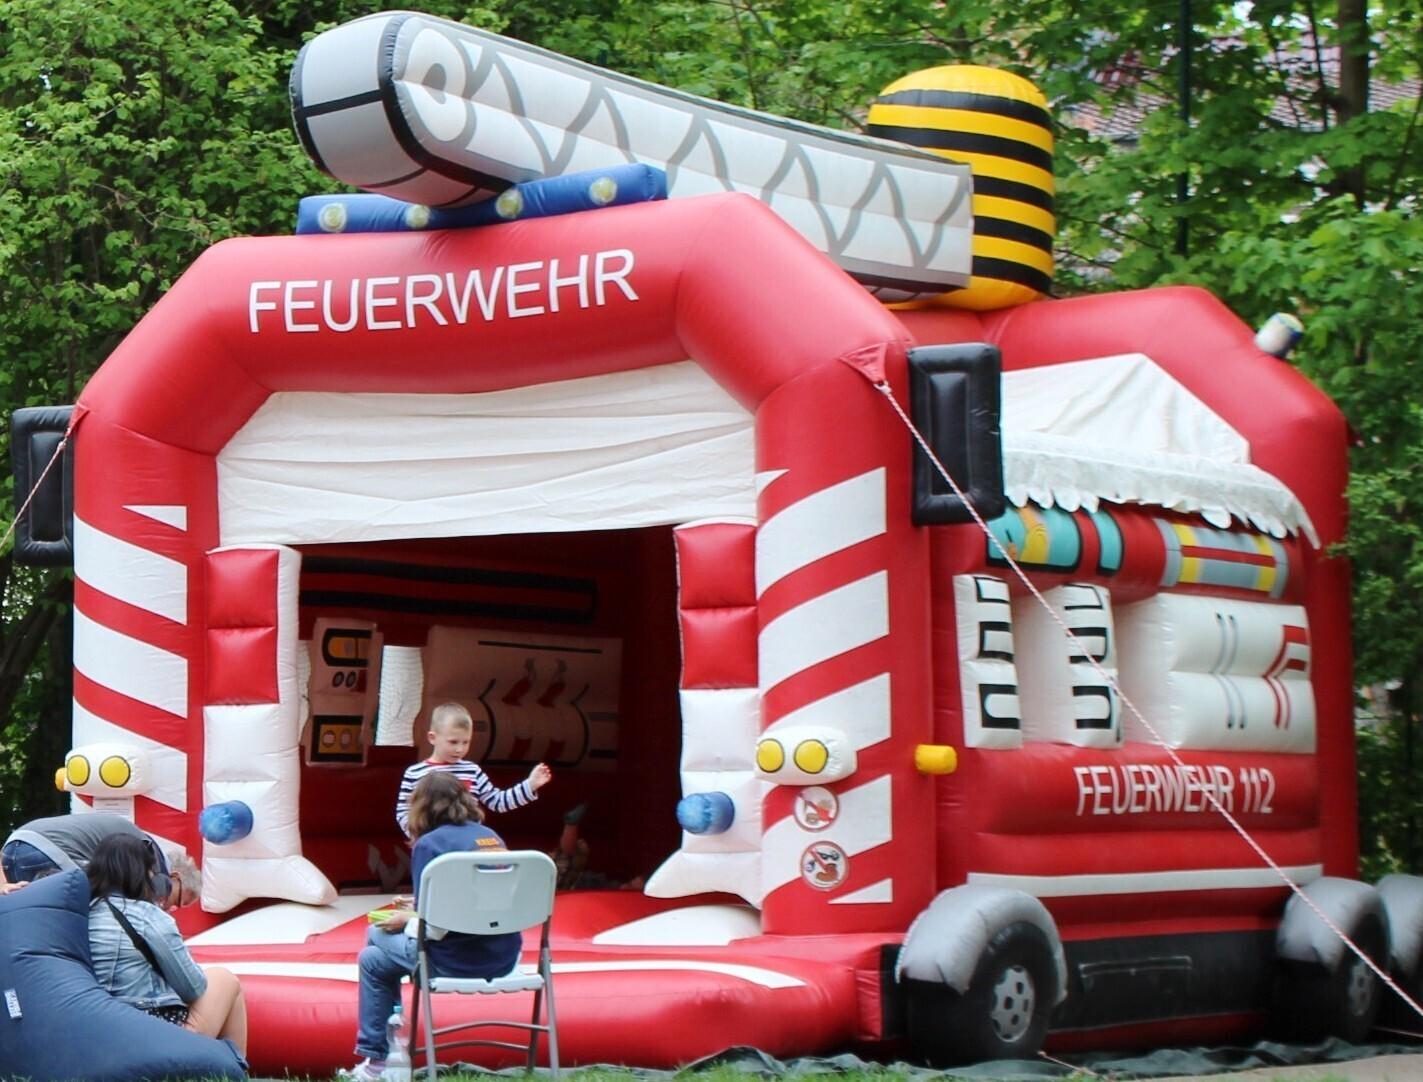 Feuerwehr-Hüpfburg